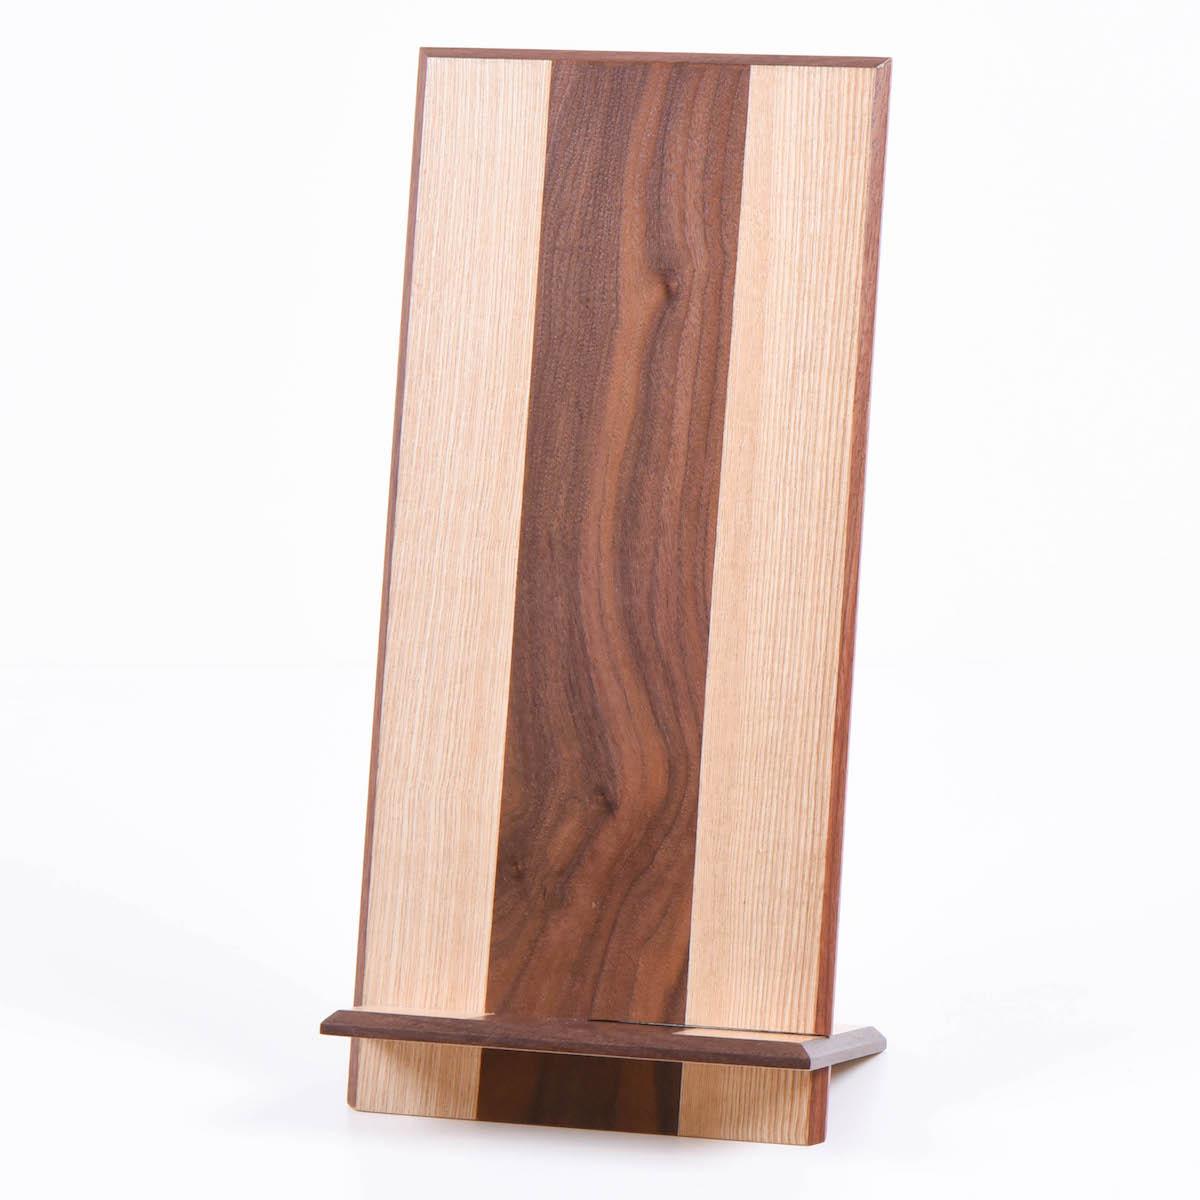 羽子板 初正月 コンパクト おしゃれ 木目飾り台 羽子板 匠一好 出産祝い 選べる羽子板2種類 送料無料HI2WE9D